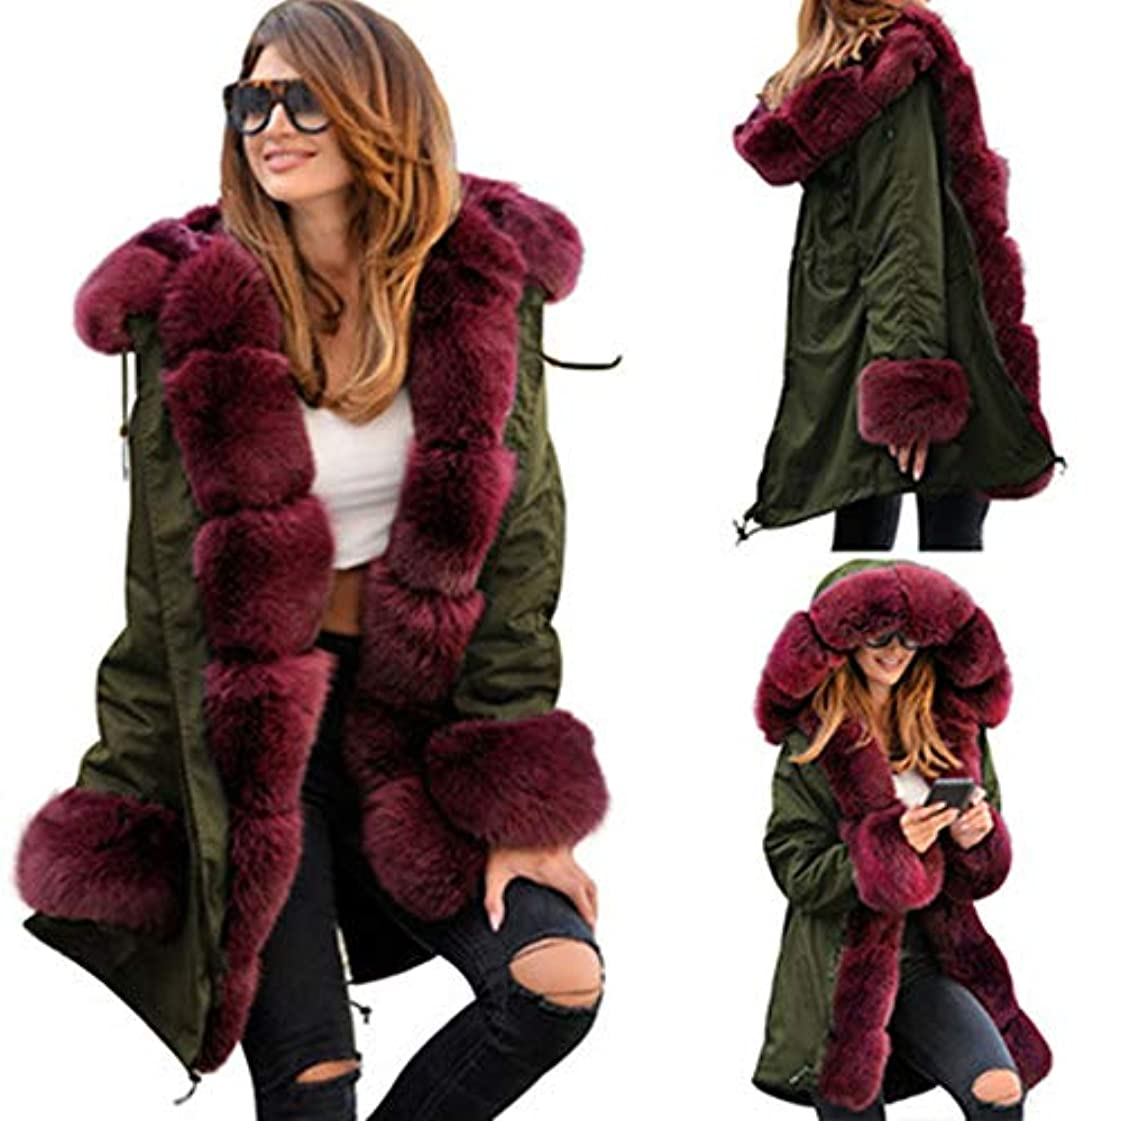 騙すのぞき見複雑ウィンタージャケット女性コットンWaddedフード付きコートカジュアルレディースWarm Parkasレディースウィンターコート,Red,XL